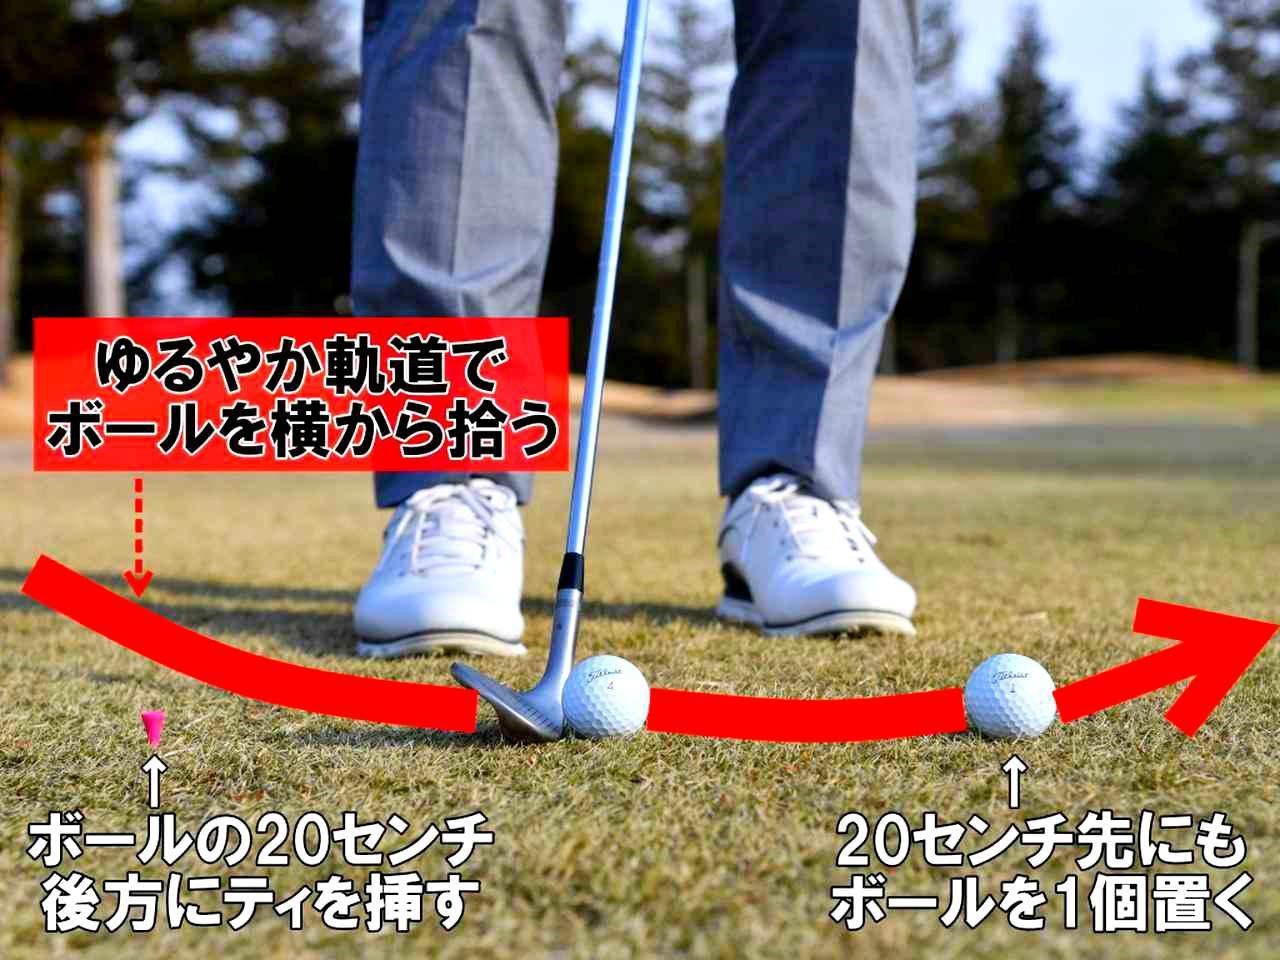 画像: ボールを2つ並べて 2個とも真っすぐ飛んだら合格